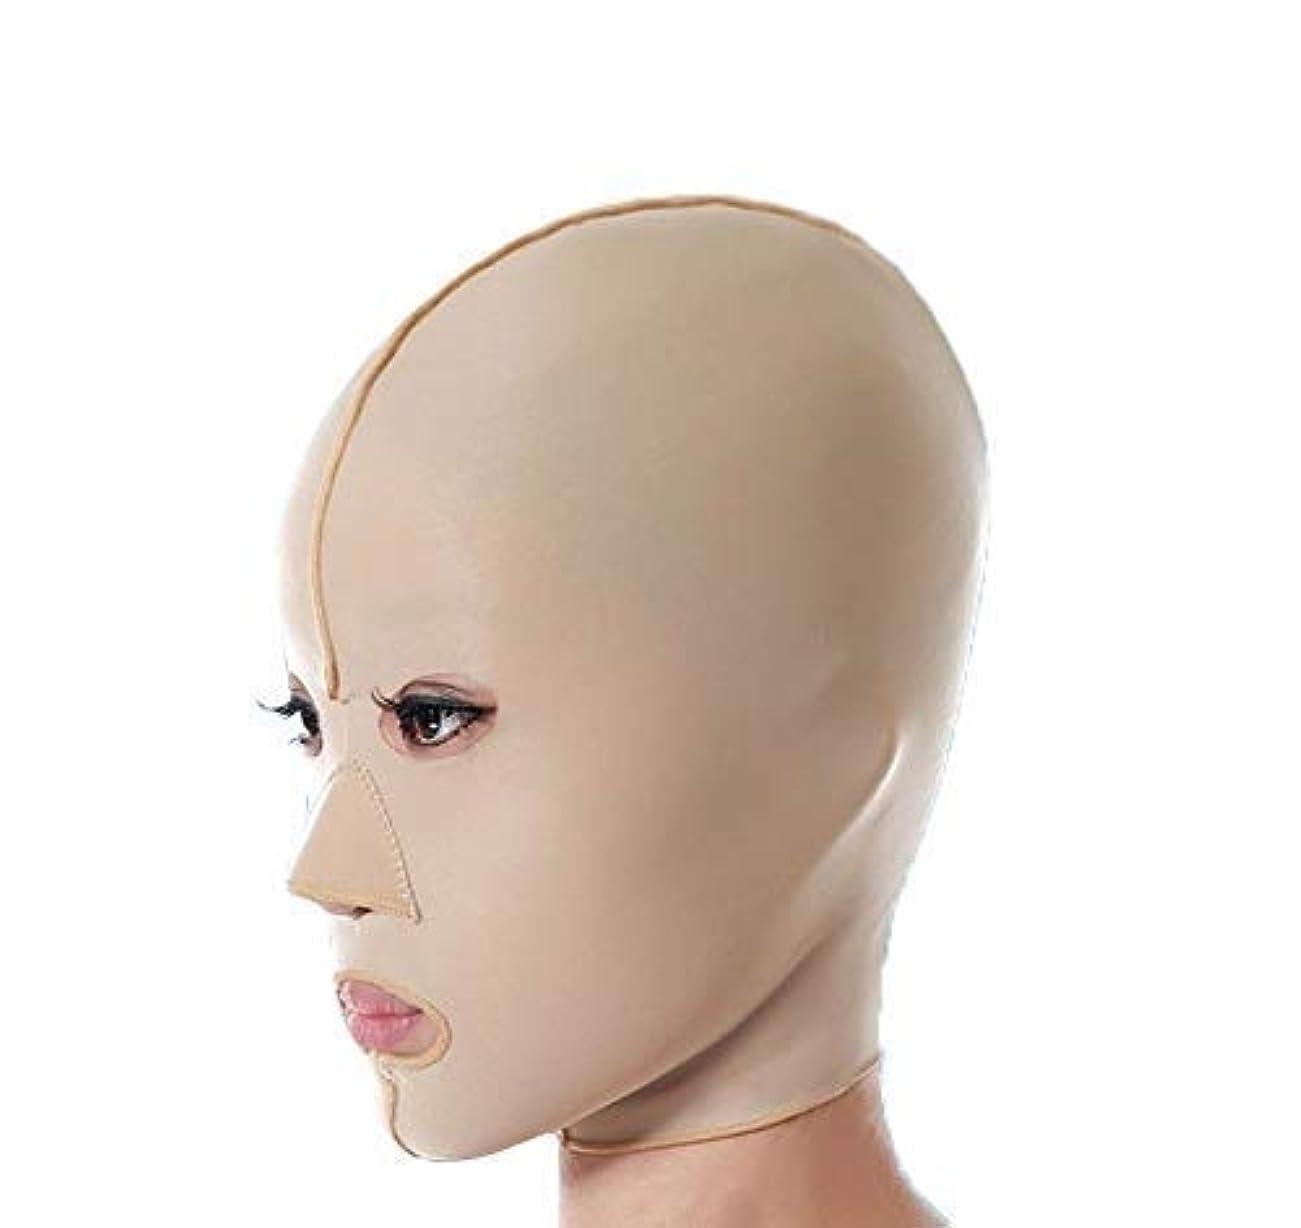 効能あるサンダル操縦するファーミングフェイスマスク、フェイシャルマスクメディシンパワフルフェイスマスクアーティファクト美容アンチサギングロウパターンフェイシャルリフティングファーミングフルフェイスマスク(サイズ:M)